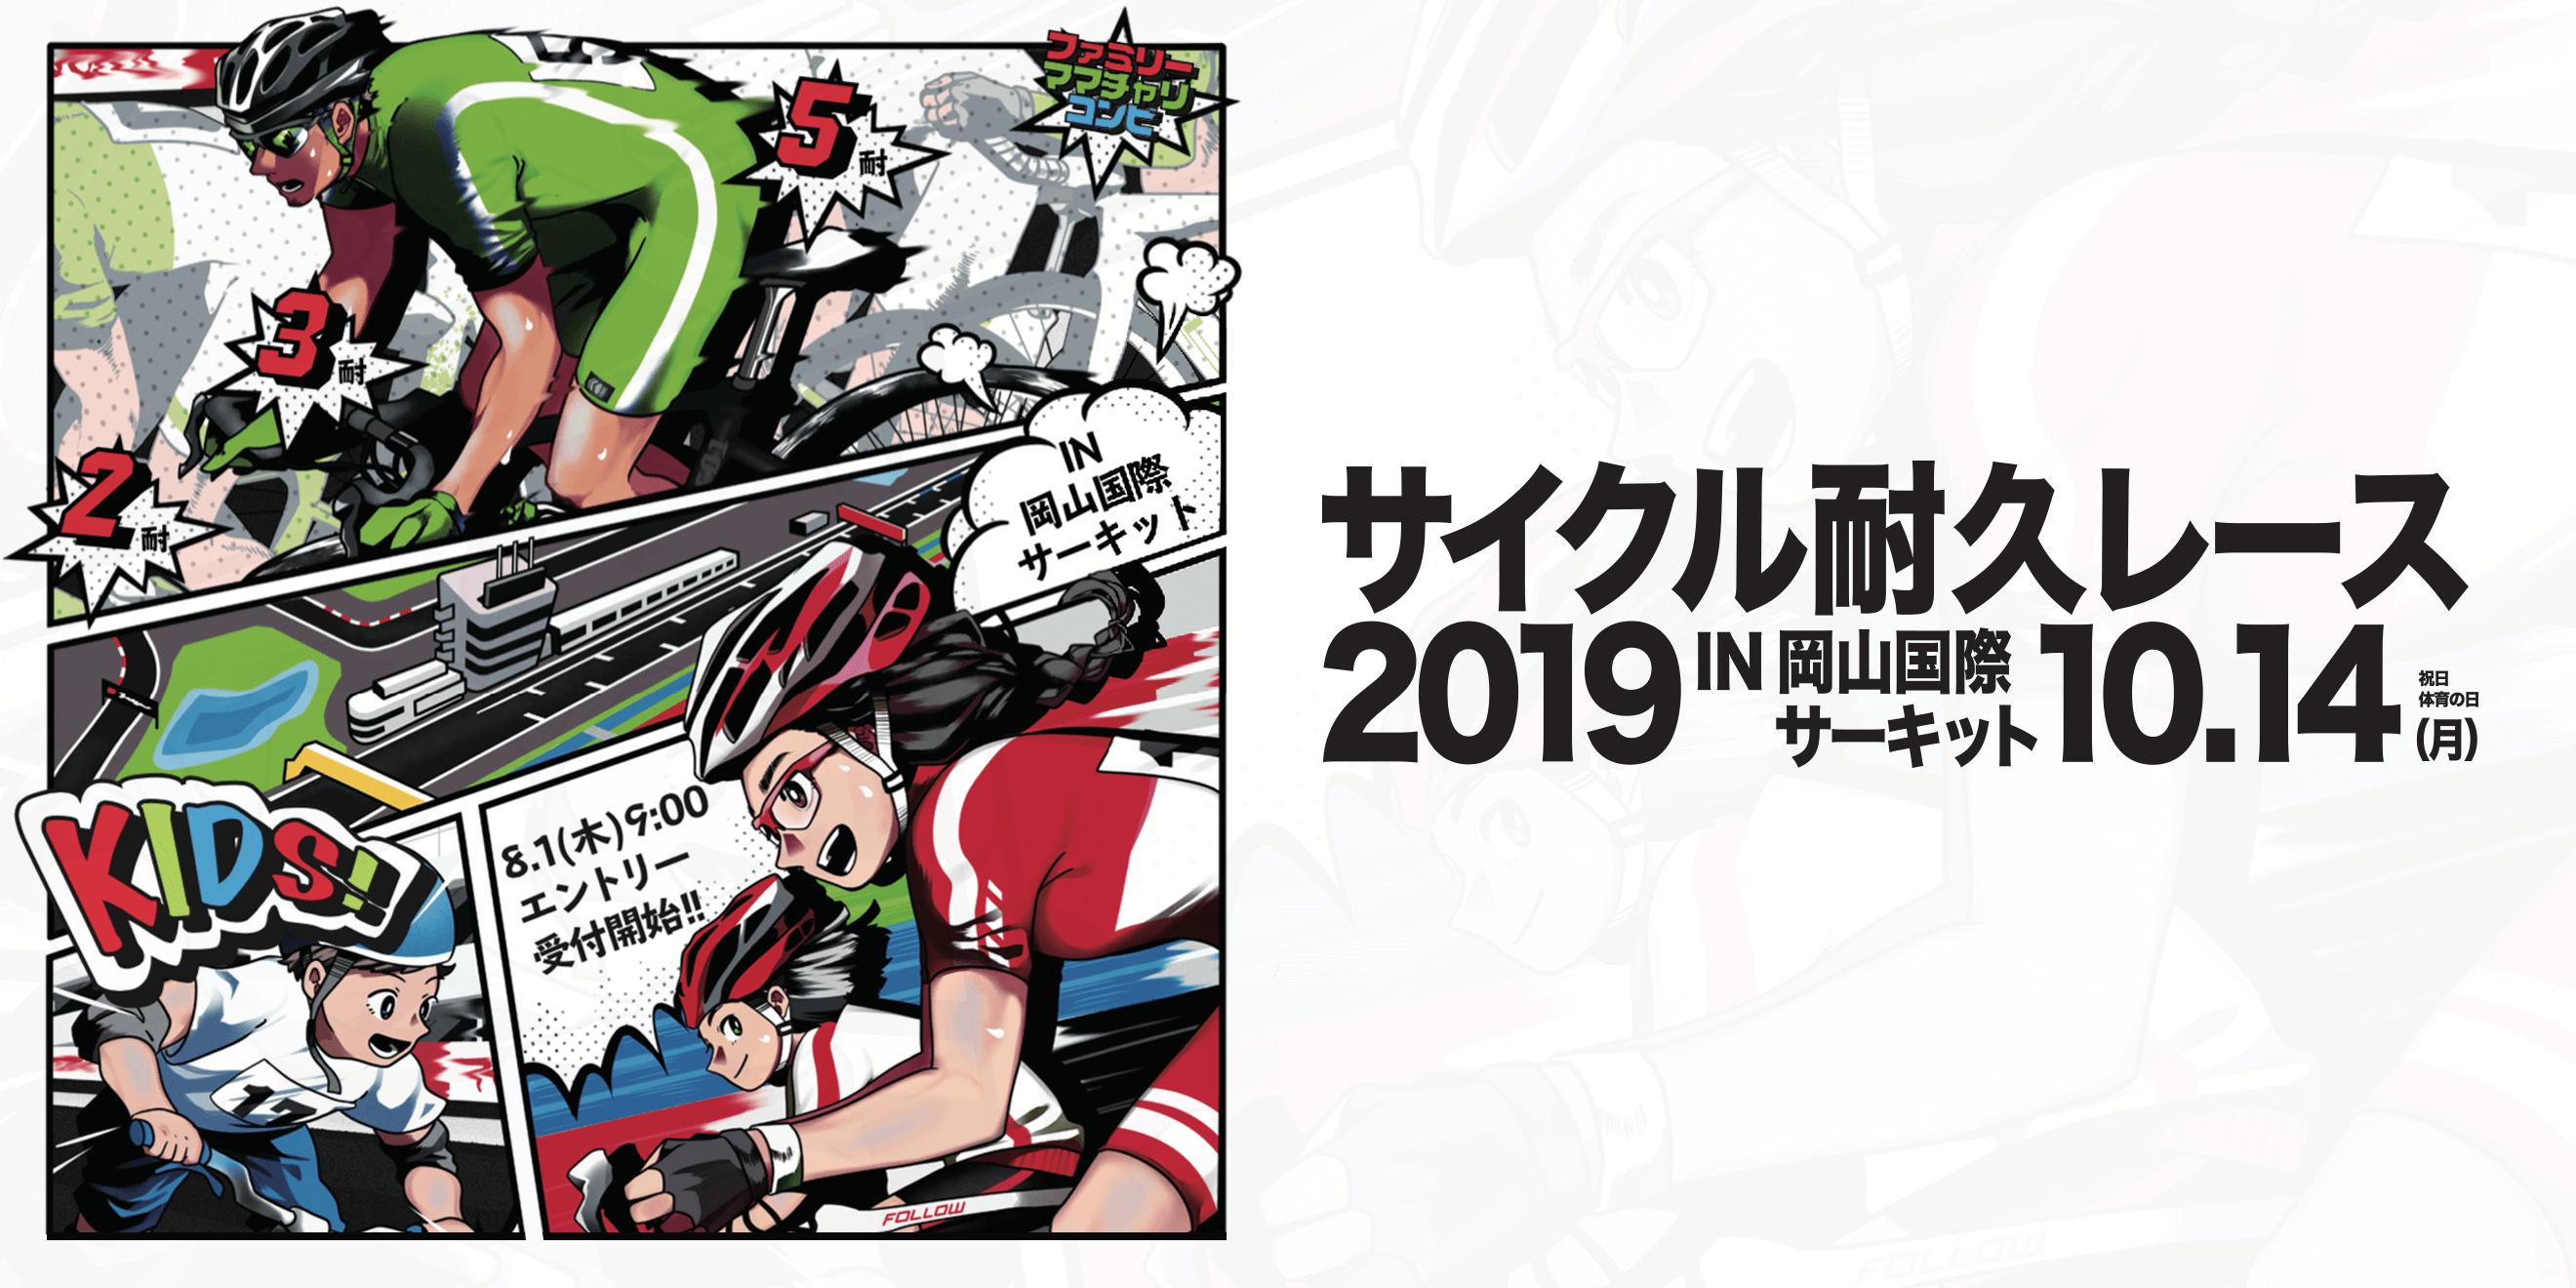 《イベント》サイクル耐久レース 2019 IN 岡山国際サーキット